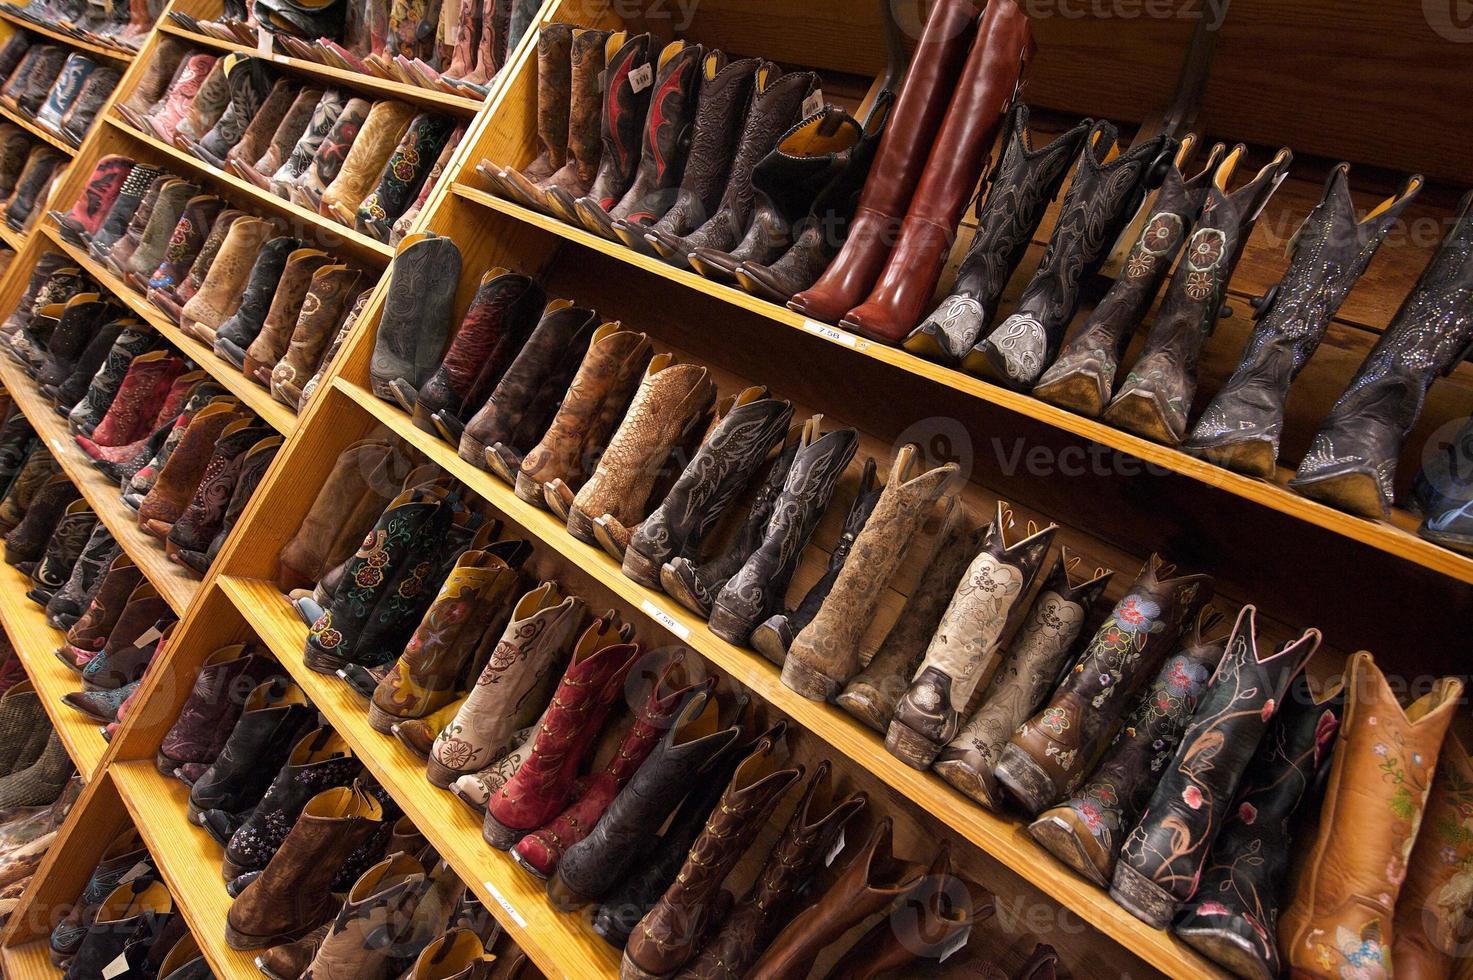 botas de cowboy femininas alinham as prateleiras, austin, tx, us foto